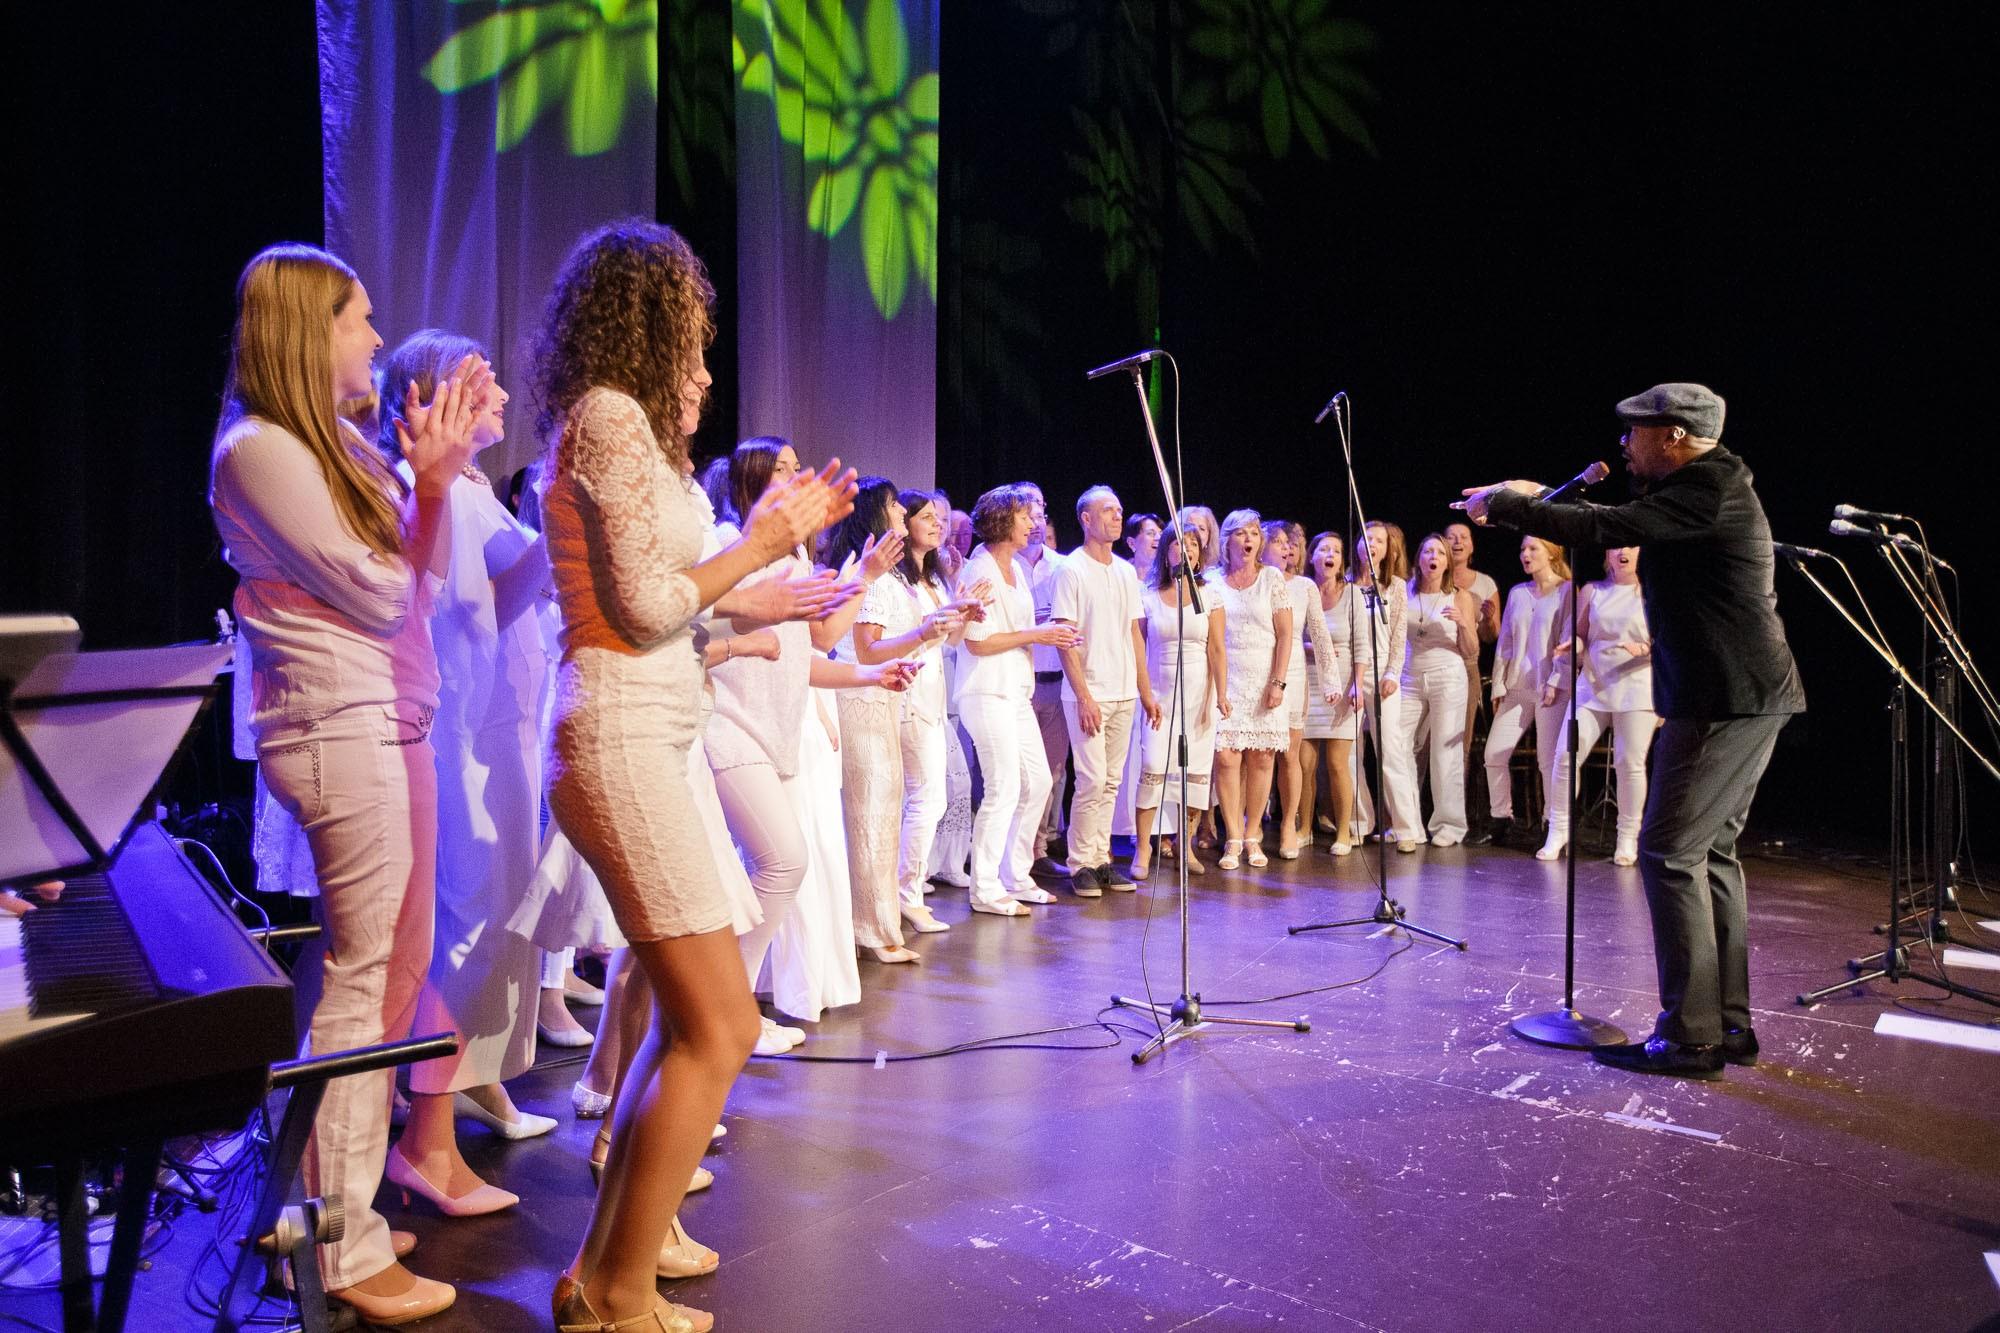 Daniel Thomas na koncerte v Teatre Wüstenrot s účastníkmi gospelového worskhopu 26.11.2017